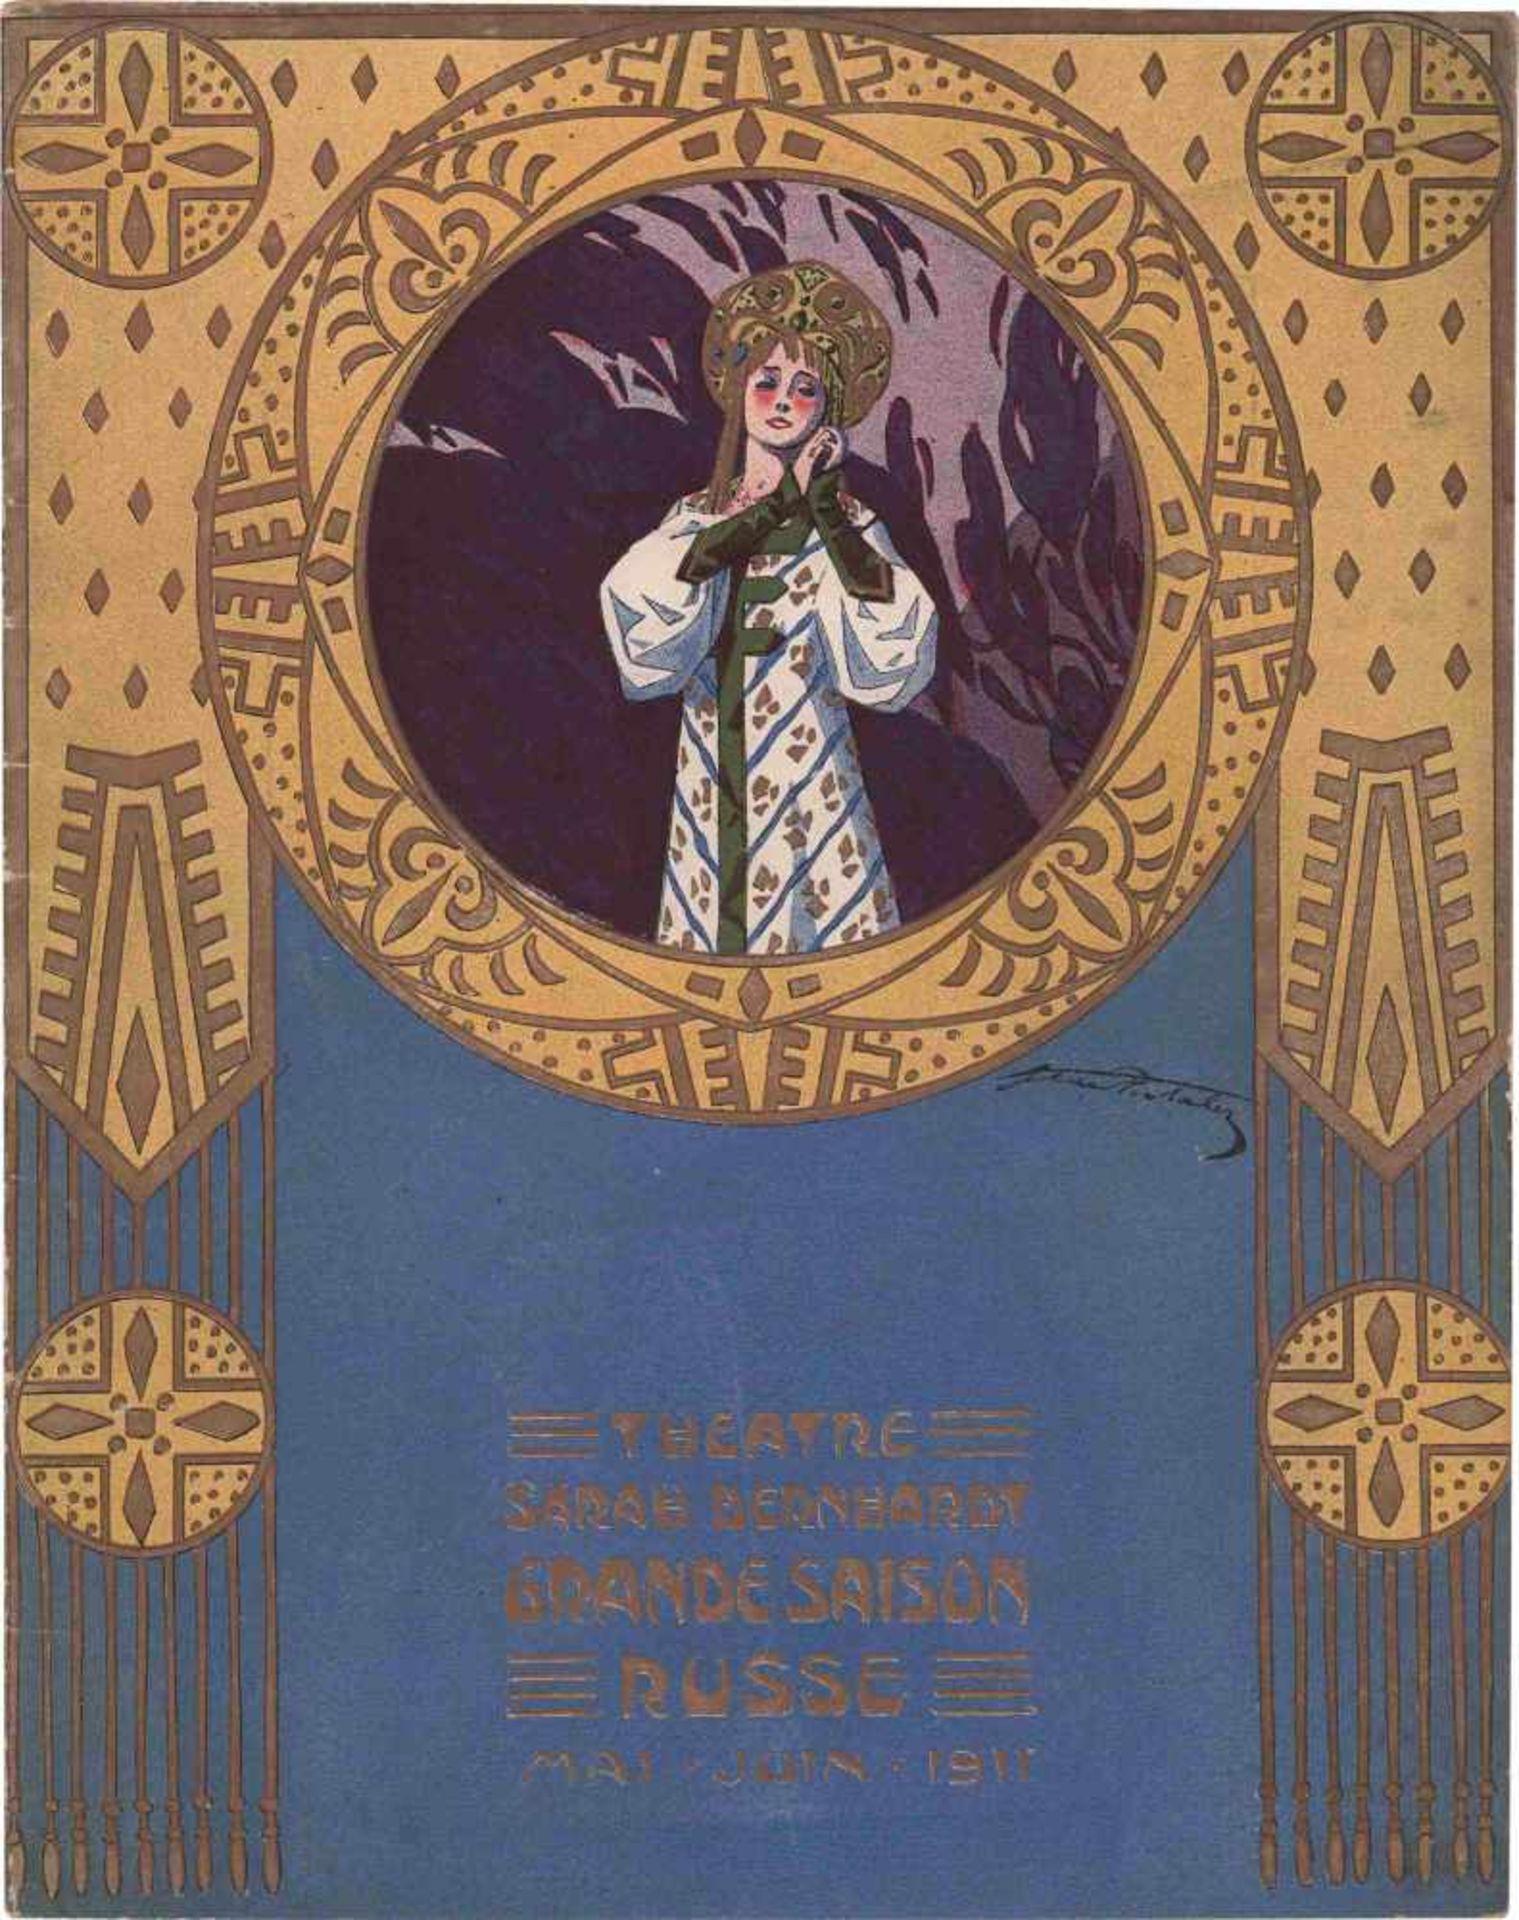 [BALLETS RUSSES, OPERA RUSSE, PORTALEZ] Große Russische Saison, Théâtre Sarah Bernardt, Paris,